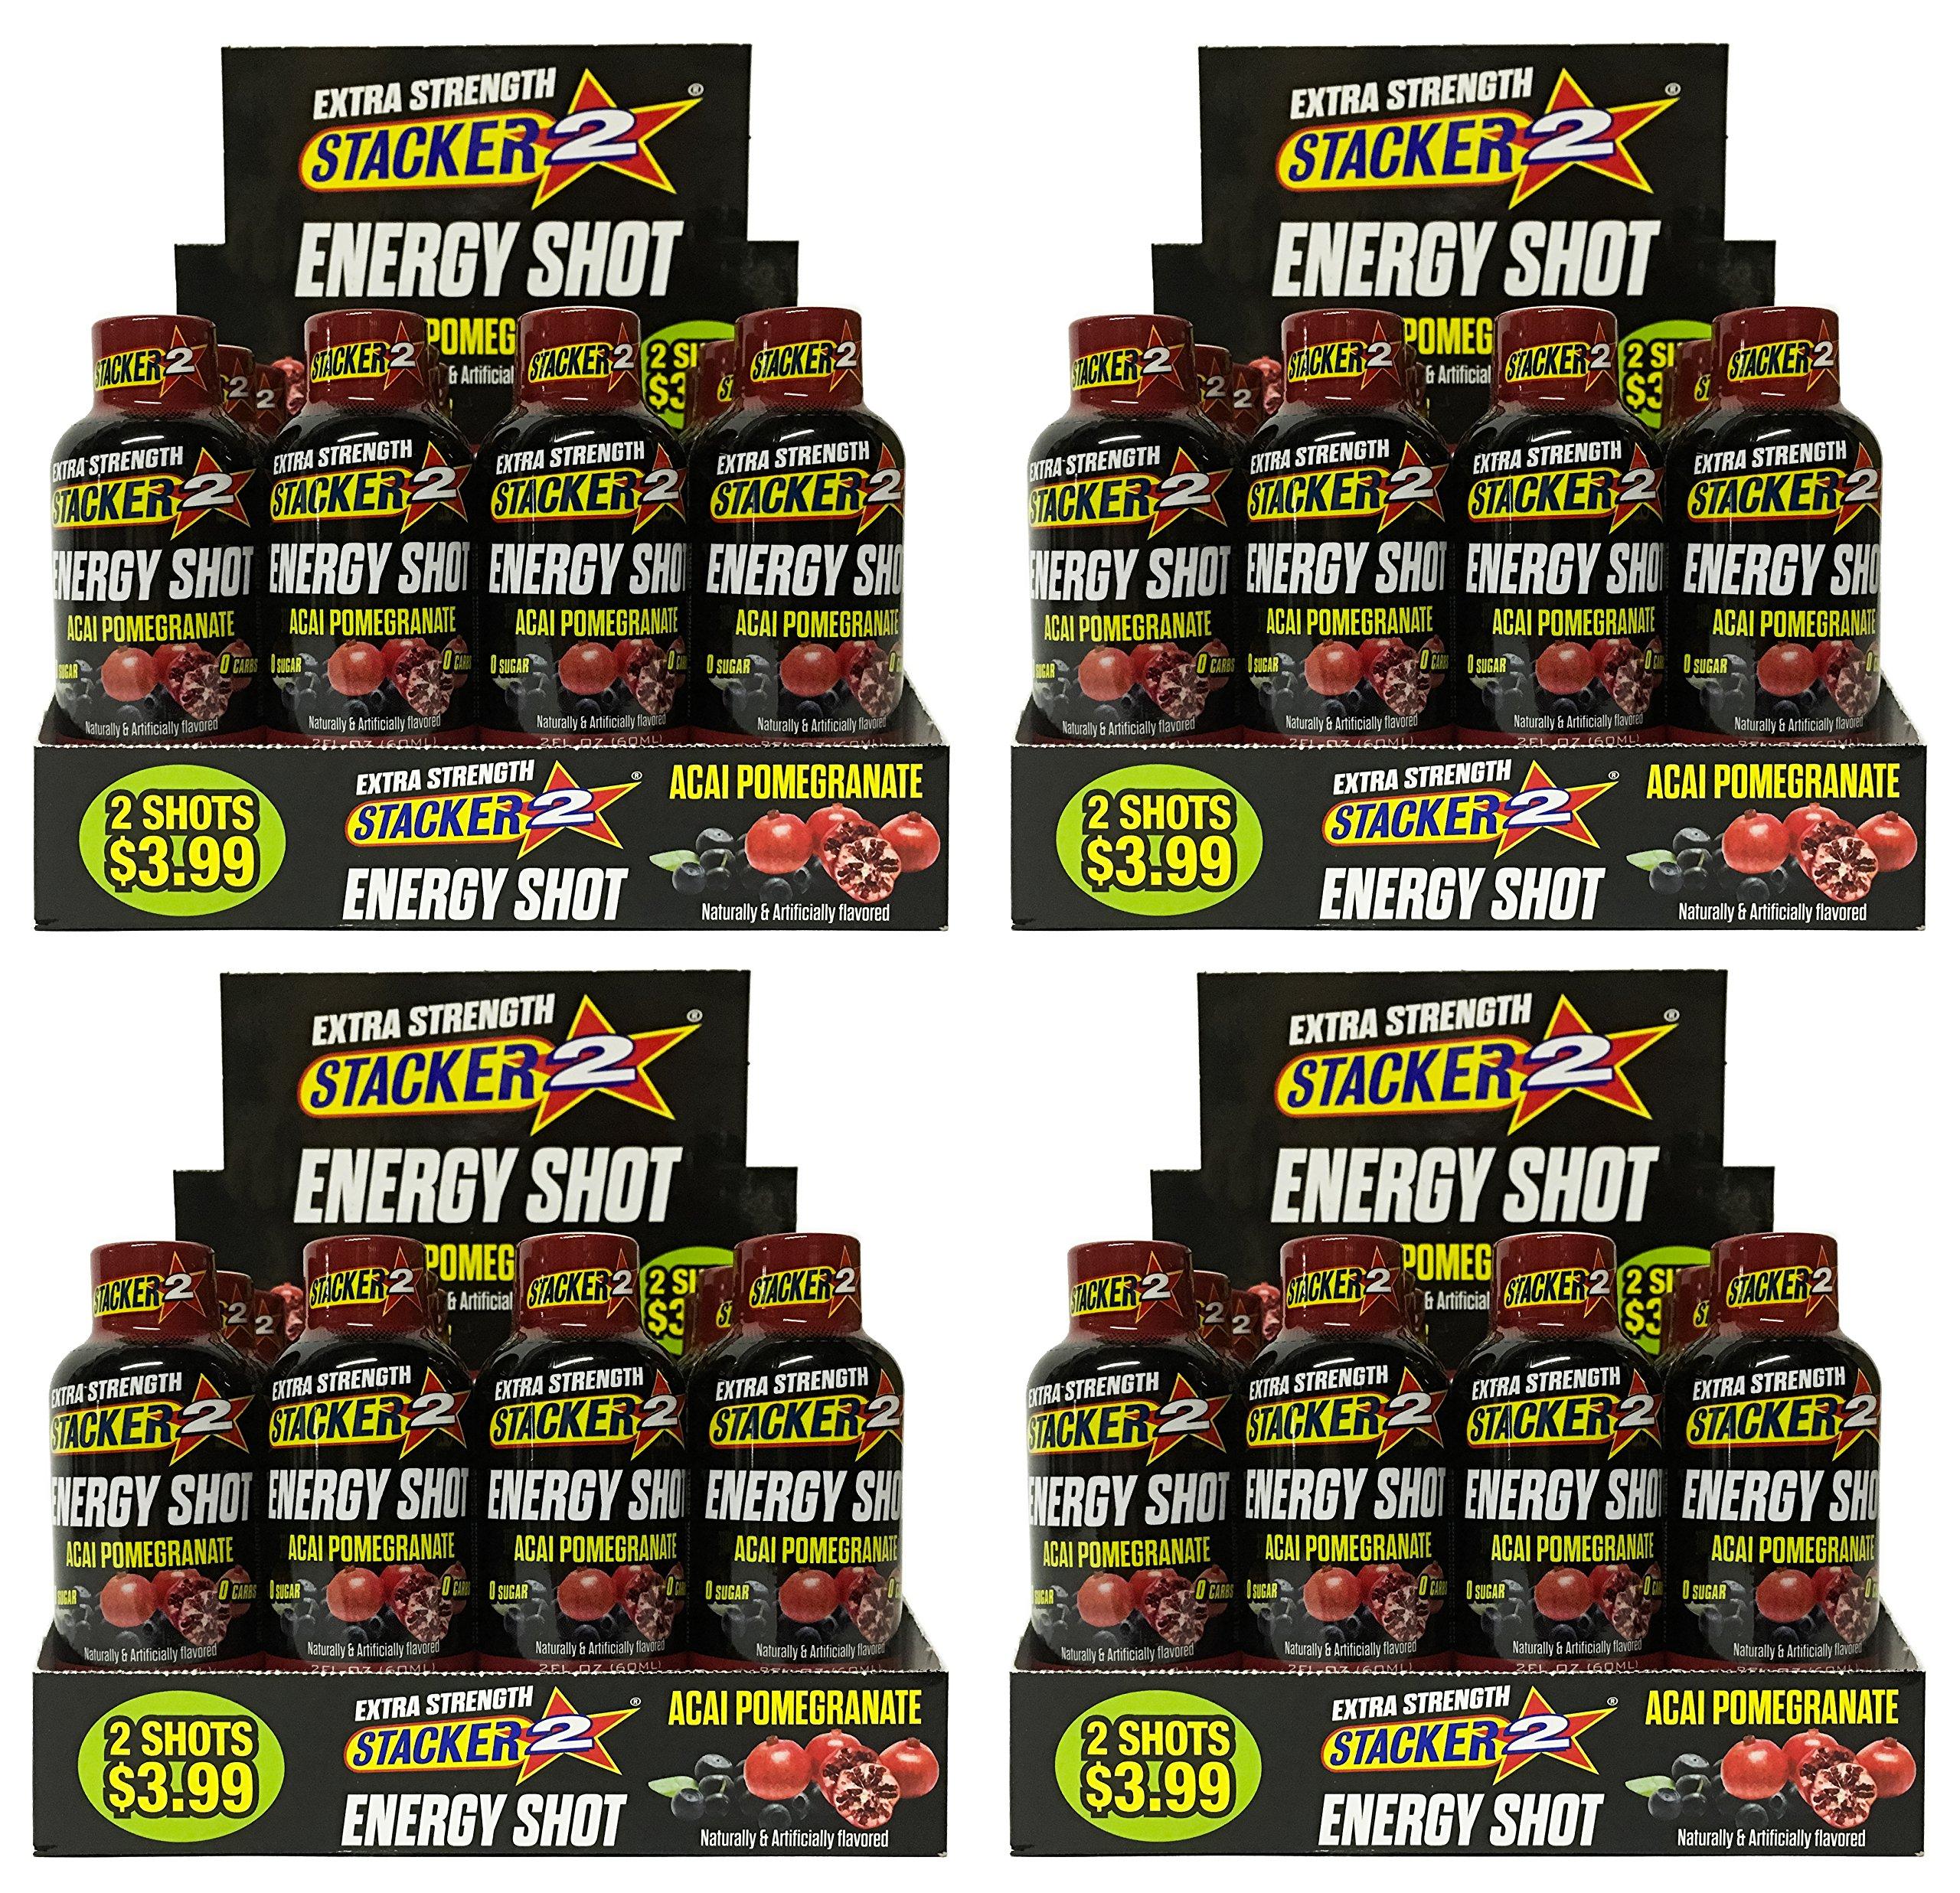 Stacker 2 Energy Shot, 'EXTRA STRENGTH' Acai Pomegranate, 2-Ounce Bottles (Extra Strength Pomegranate, 48 Shots)